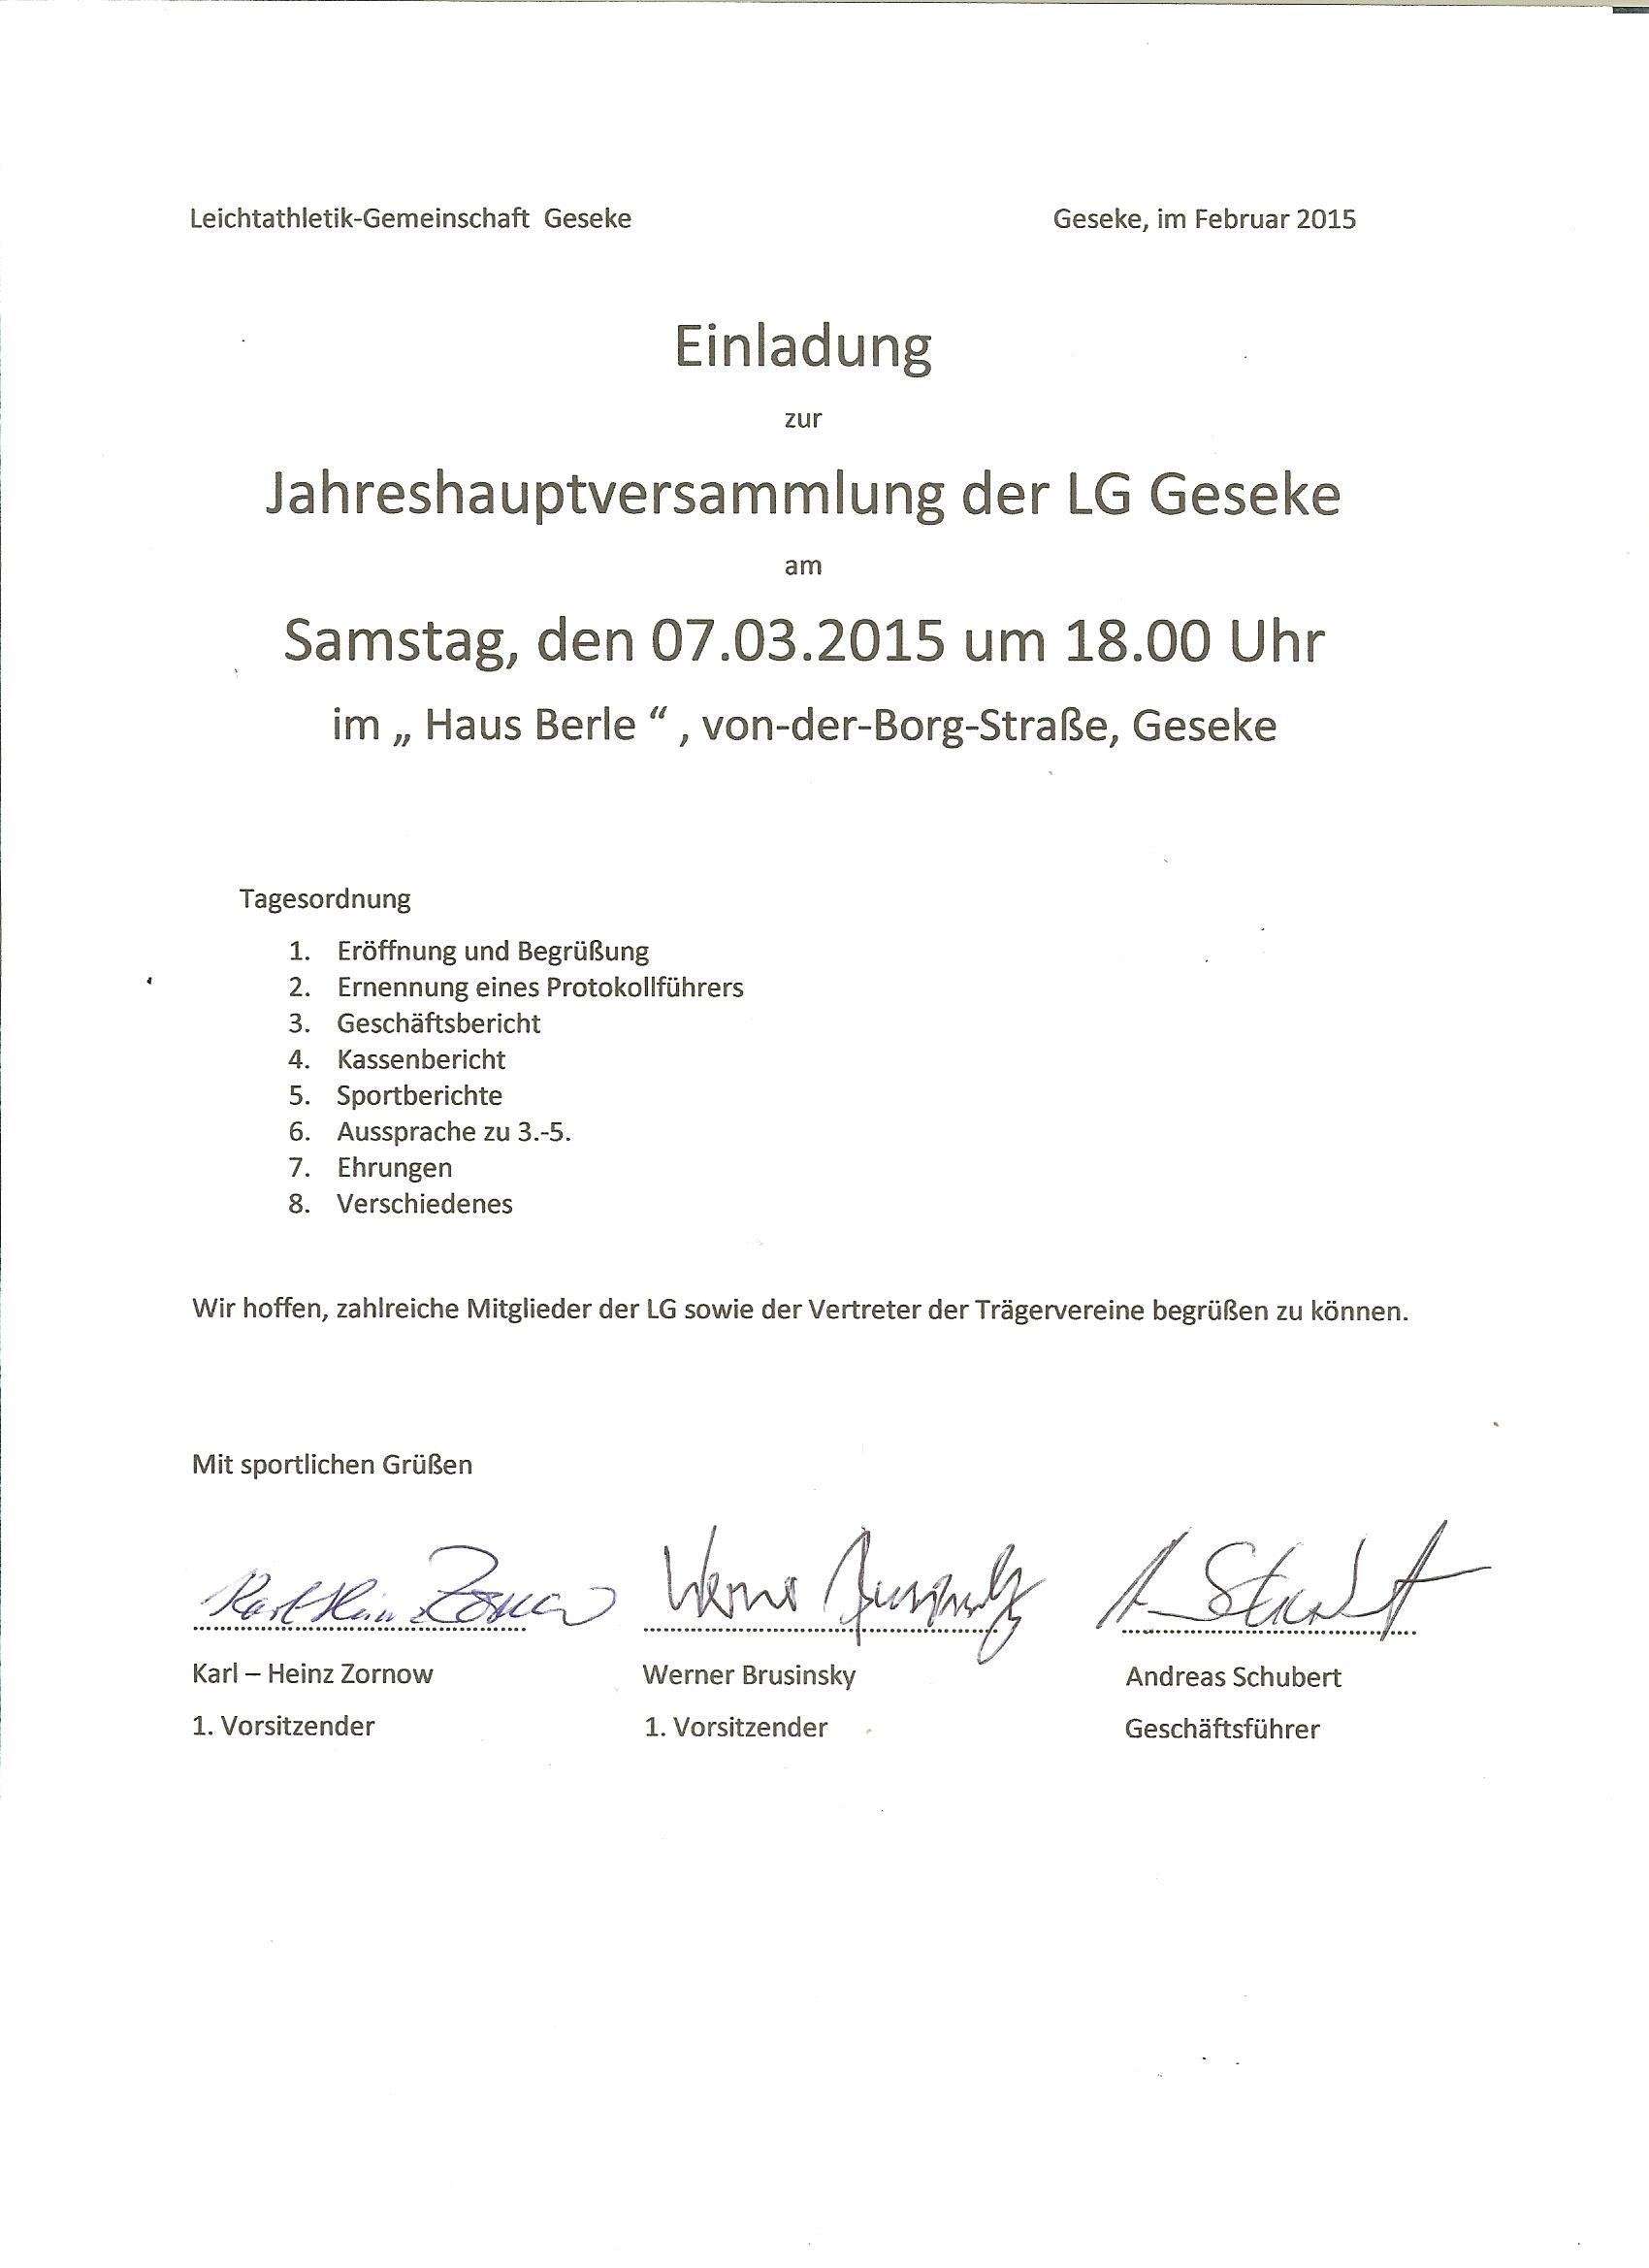 Einladung Jahreshauptversammlung LG Geseke 2015